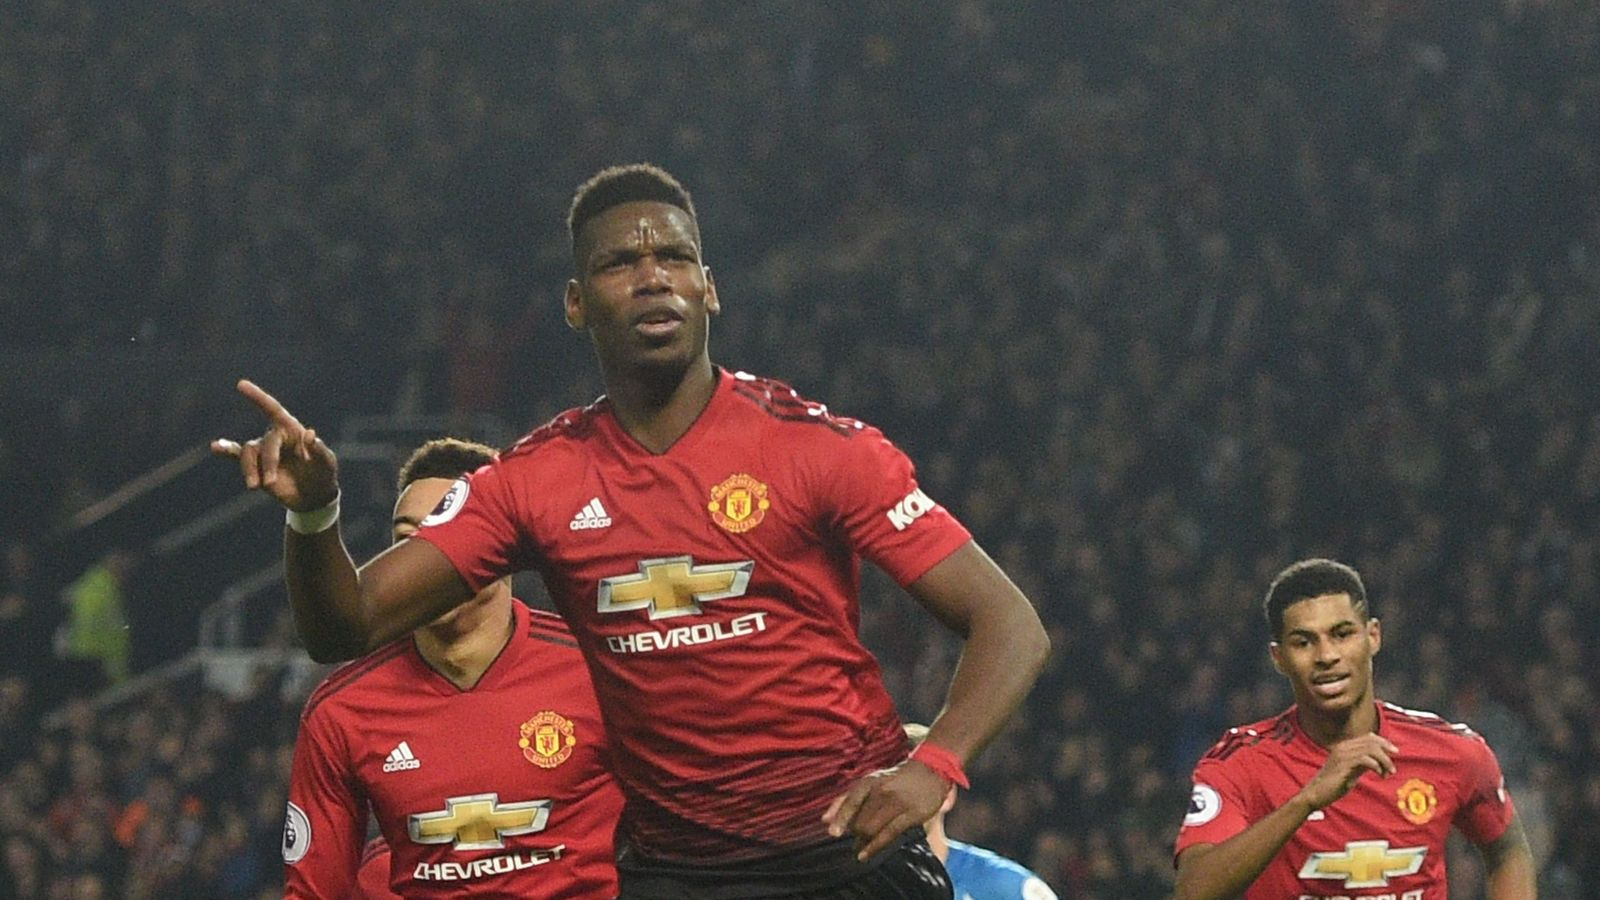 Man Utd 3 - 1 Huddsf'ld - Match Report & Highlights